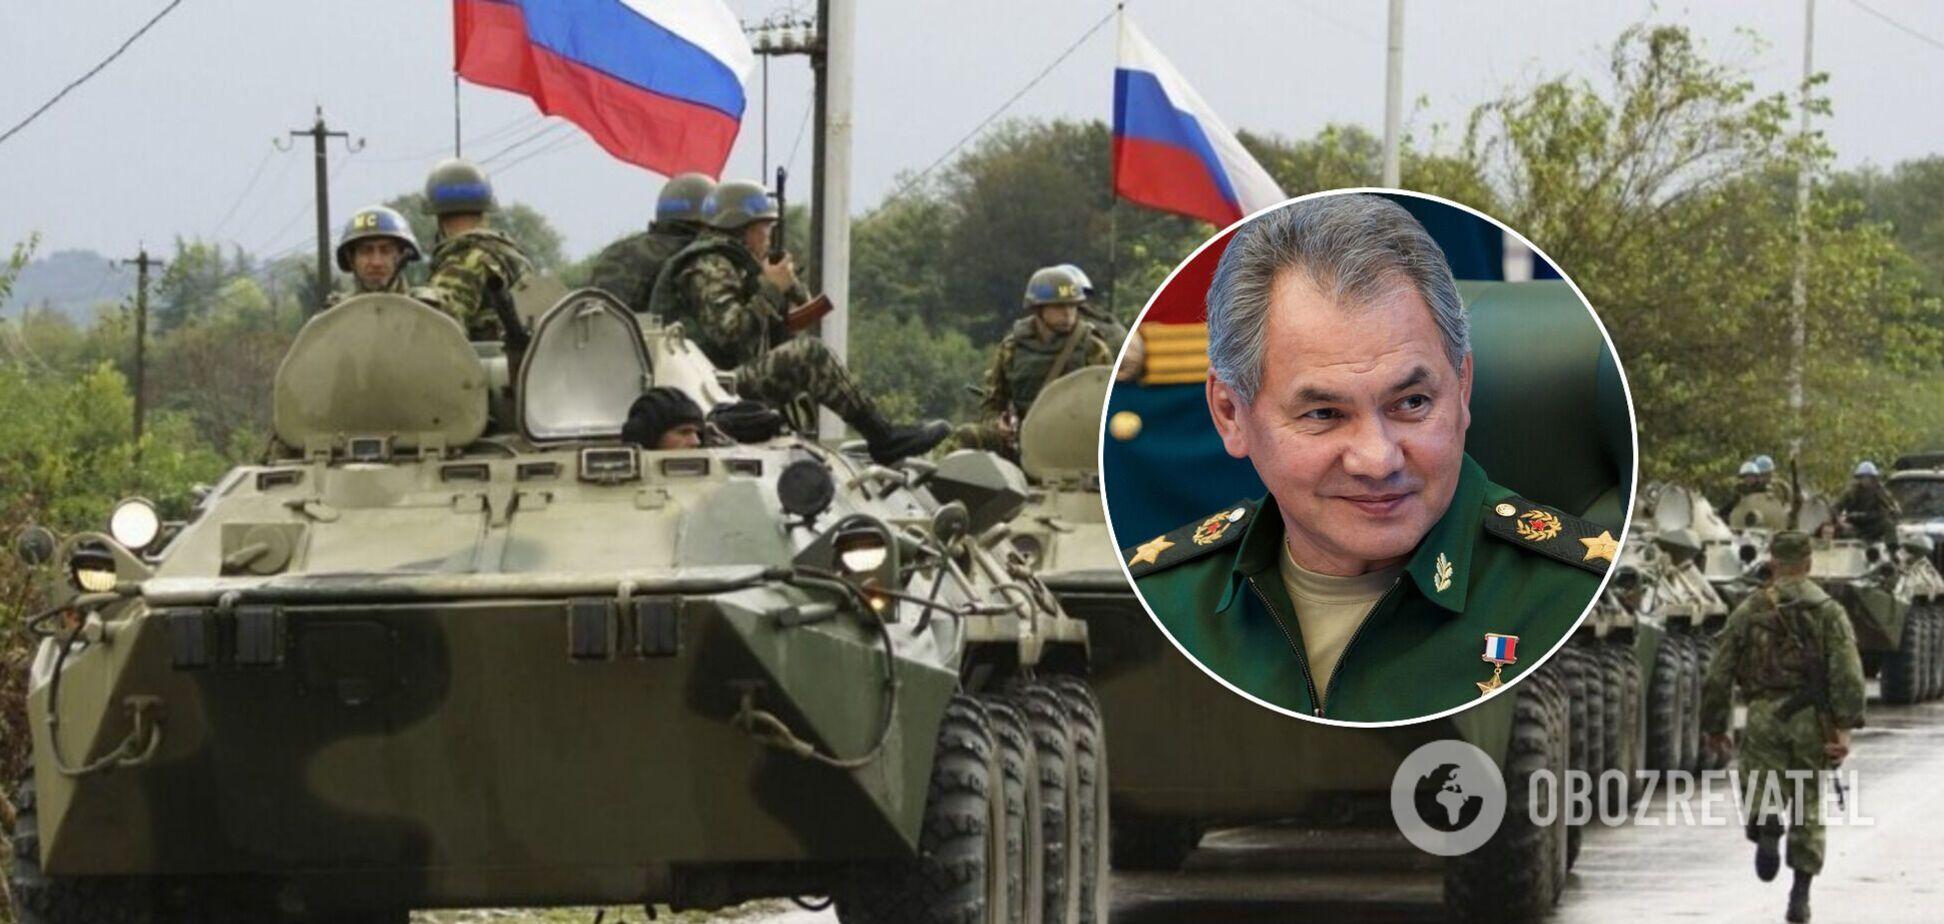 Шойгу приказал вернуть войска обратно в части с юга России